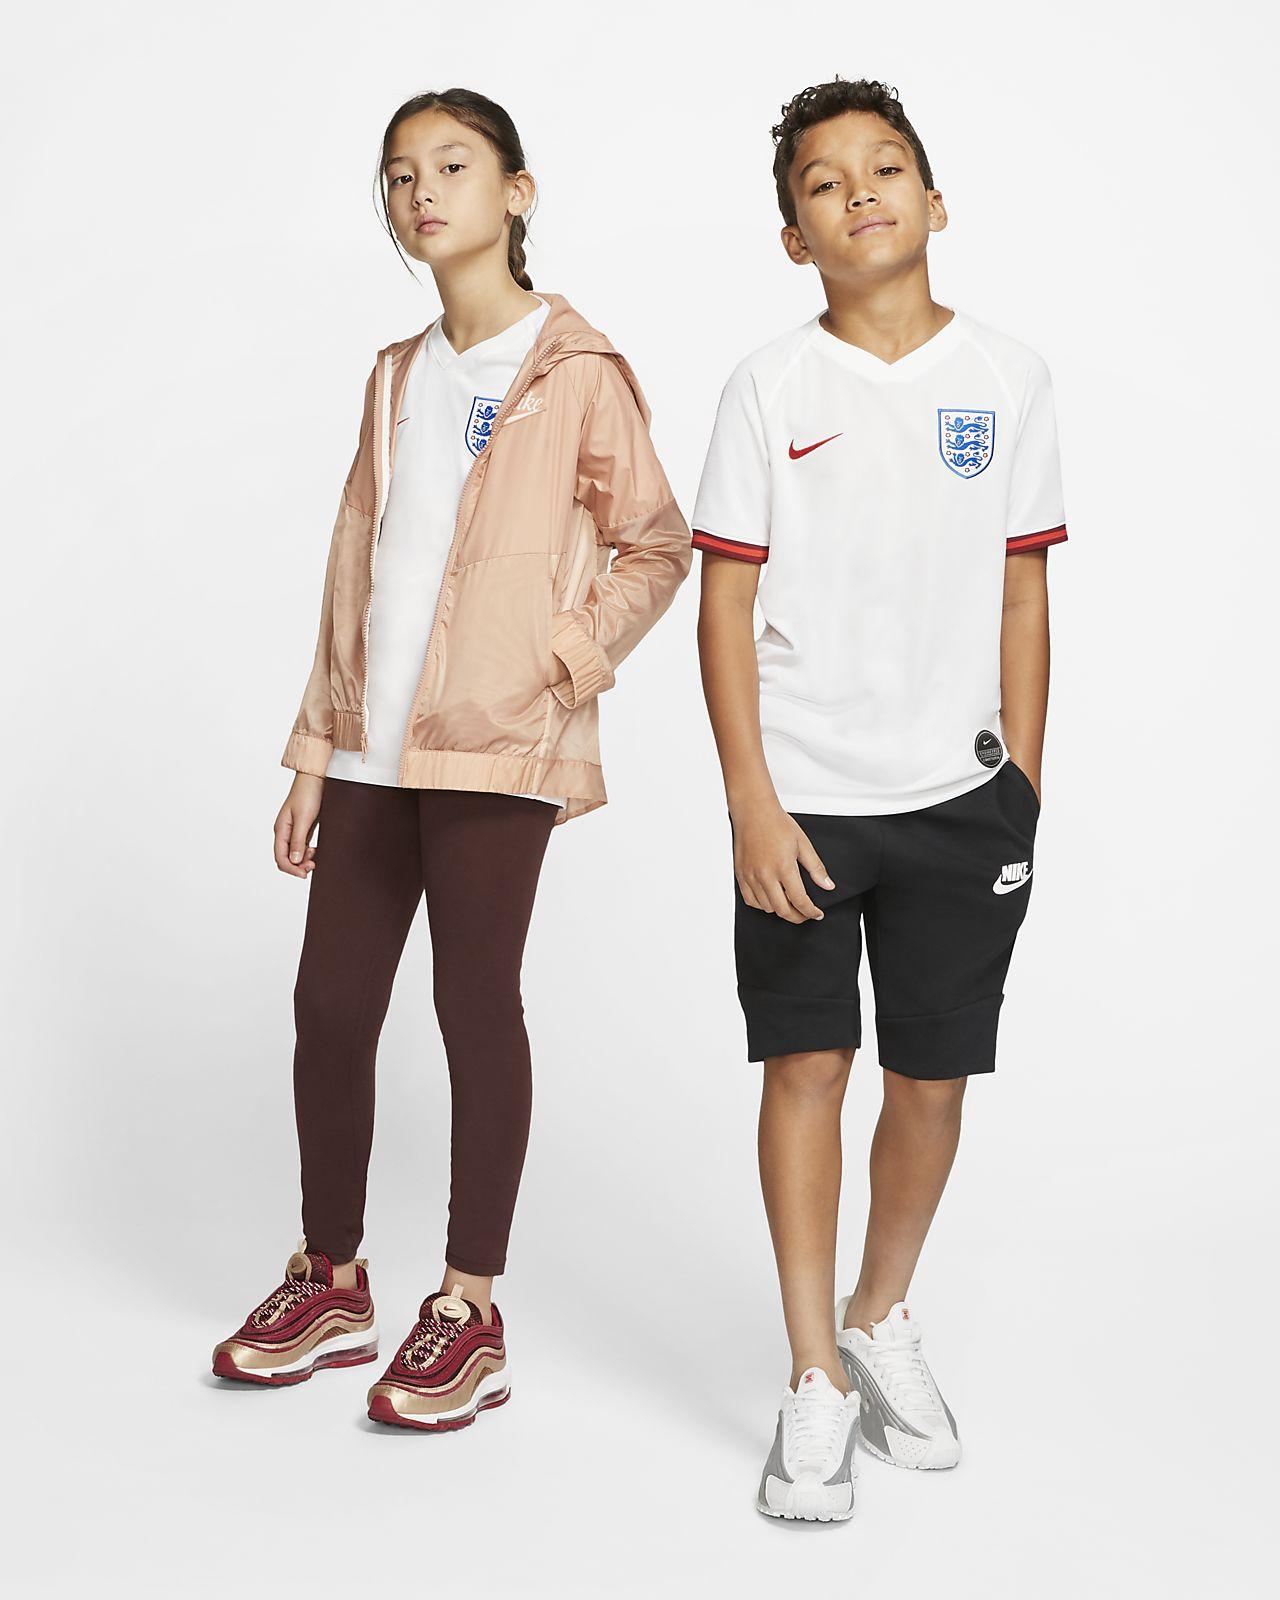 İngiltere 2019 Stadyum İç Saha Genç Çocuk Futbol Forması